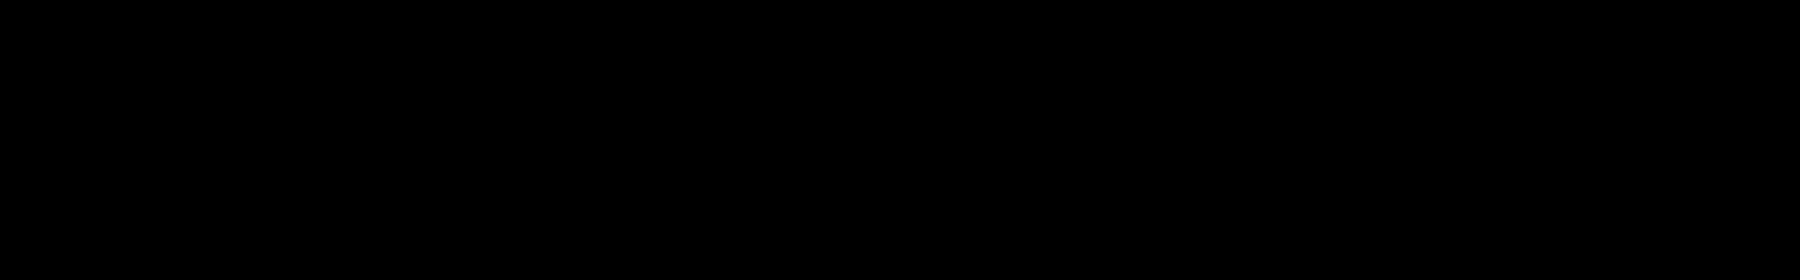 Solo Perc Loops audio waveform